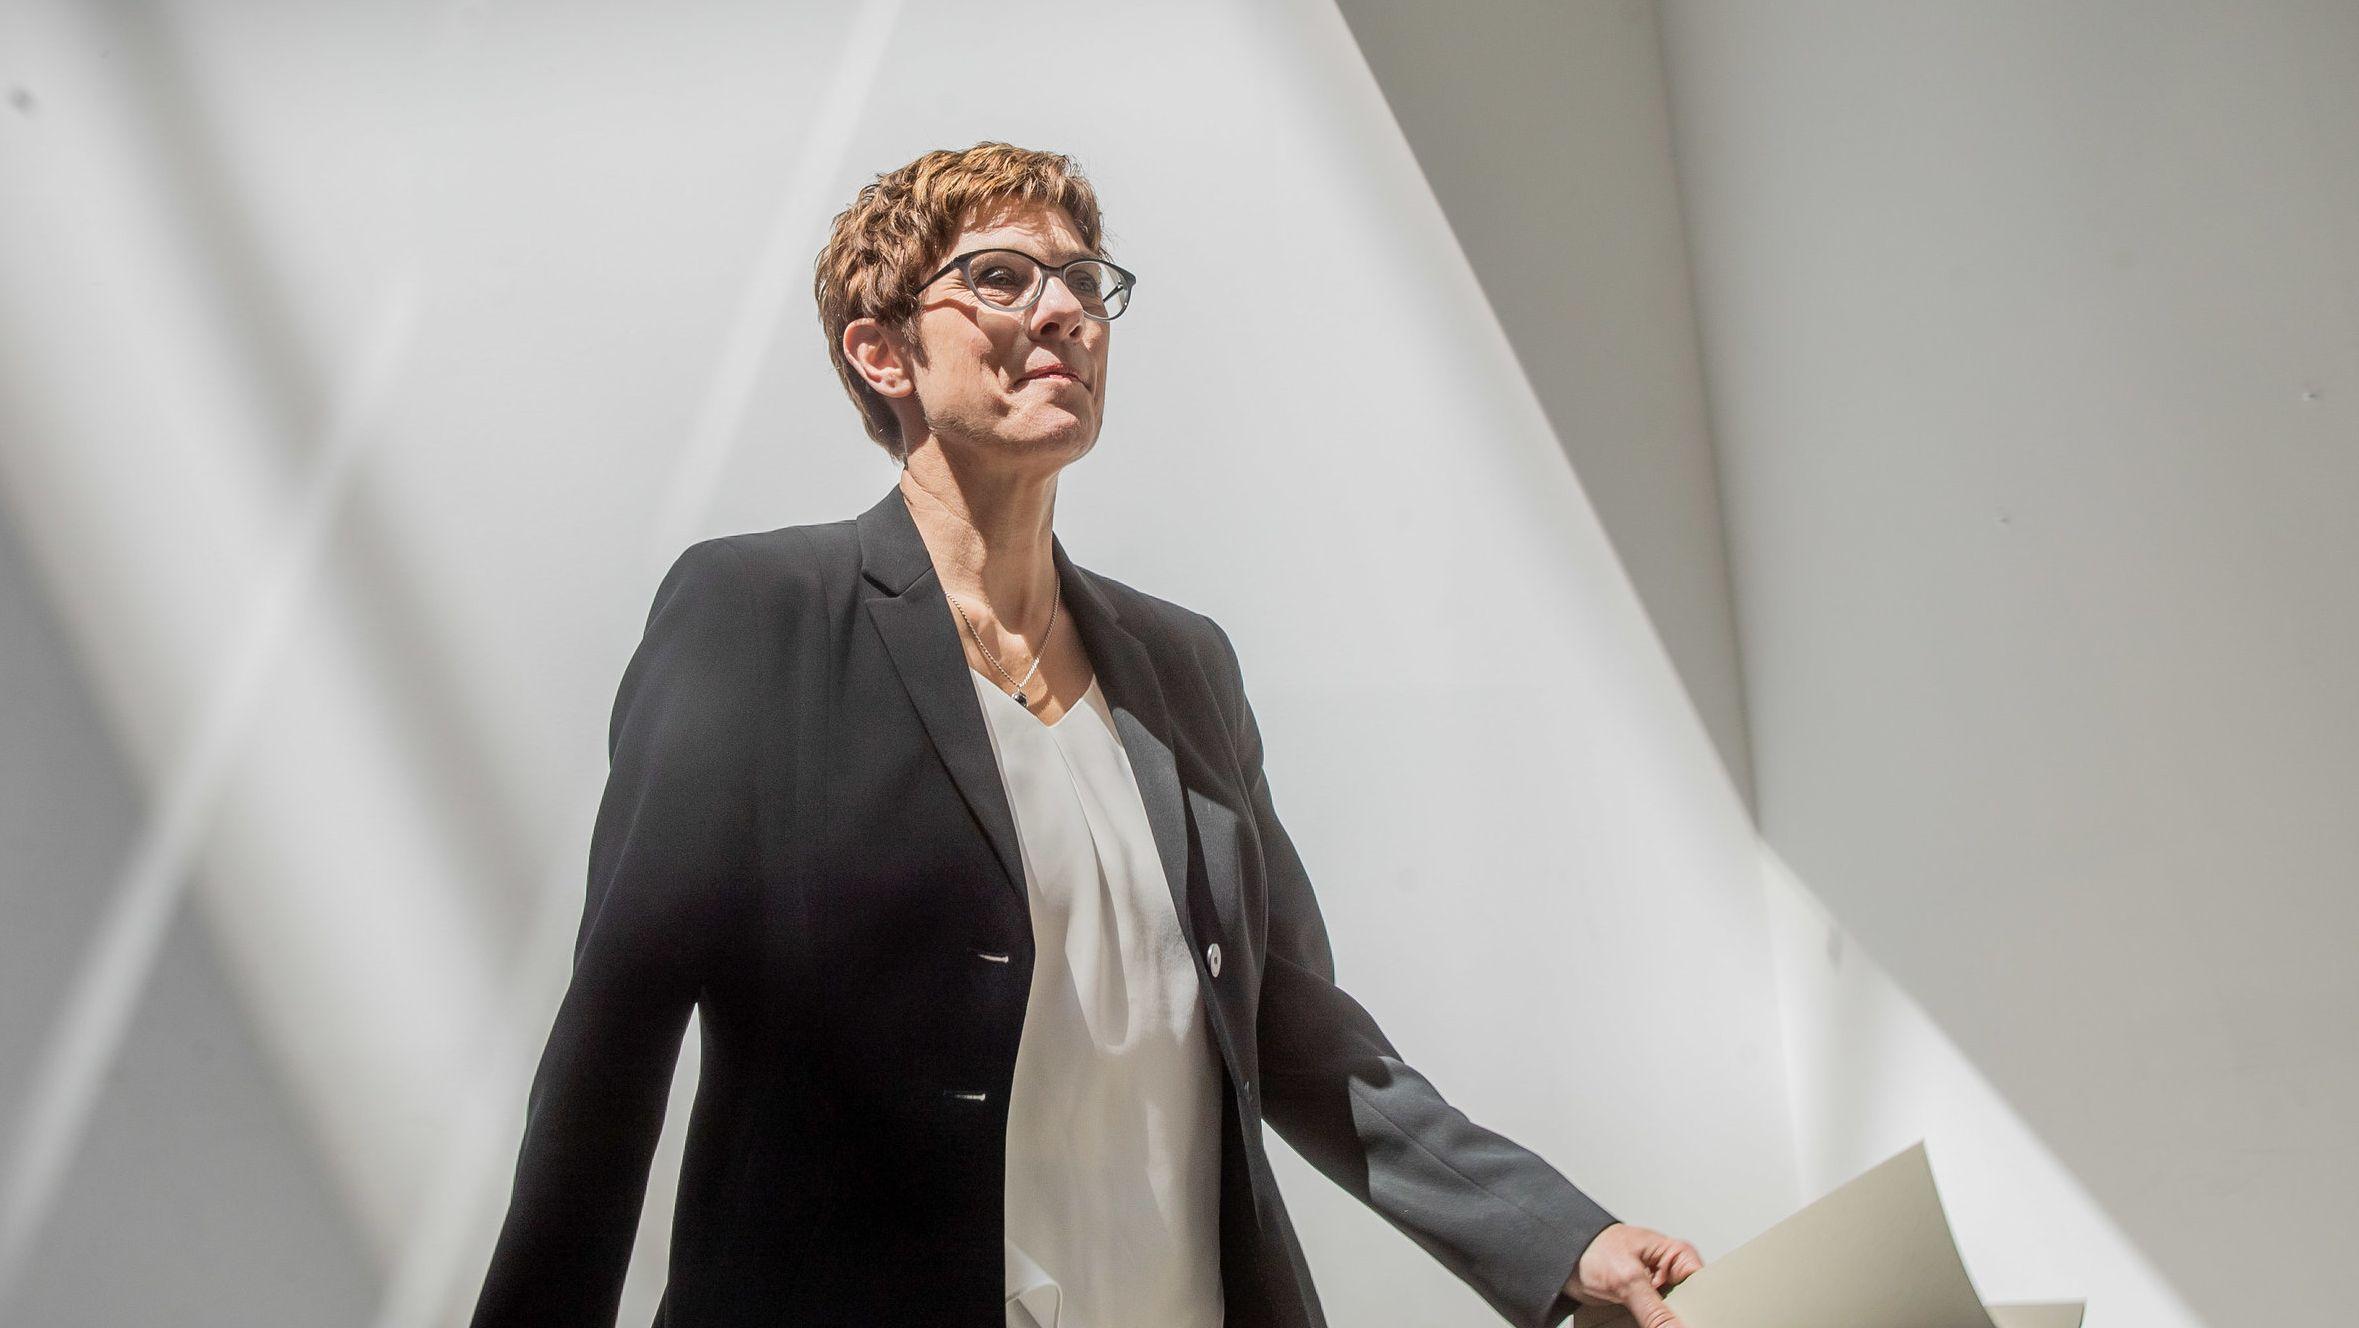 Annegret Kramp-Karrenbauer, Bundesvorsitzende der CDU, bei der Pressekonferenz nach der Klausur des CDU Bundesvorstands am 3. Juni 19